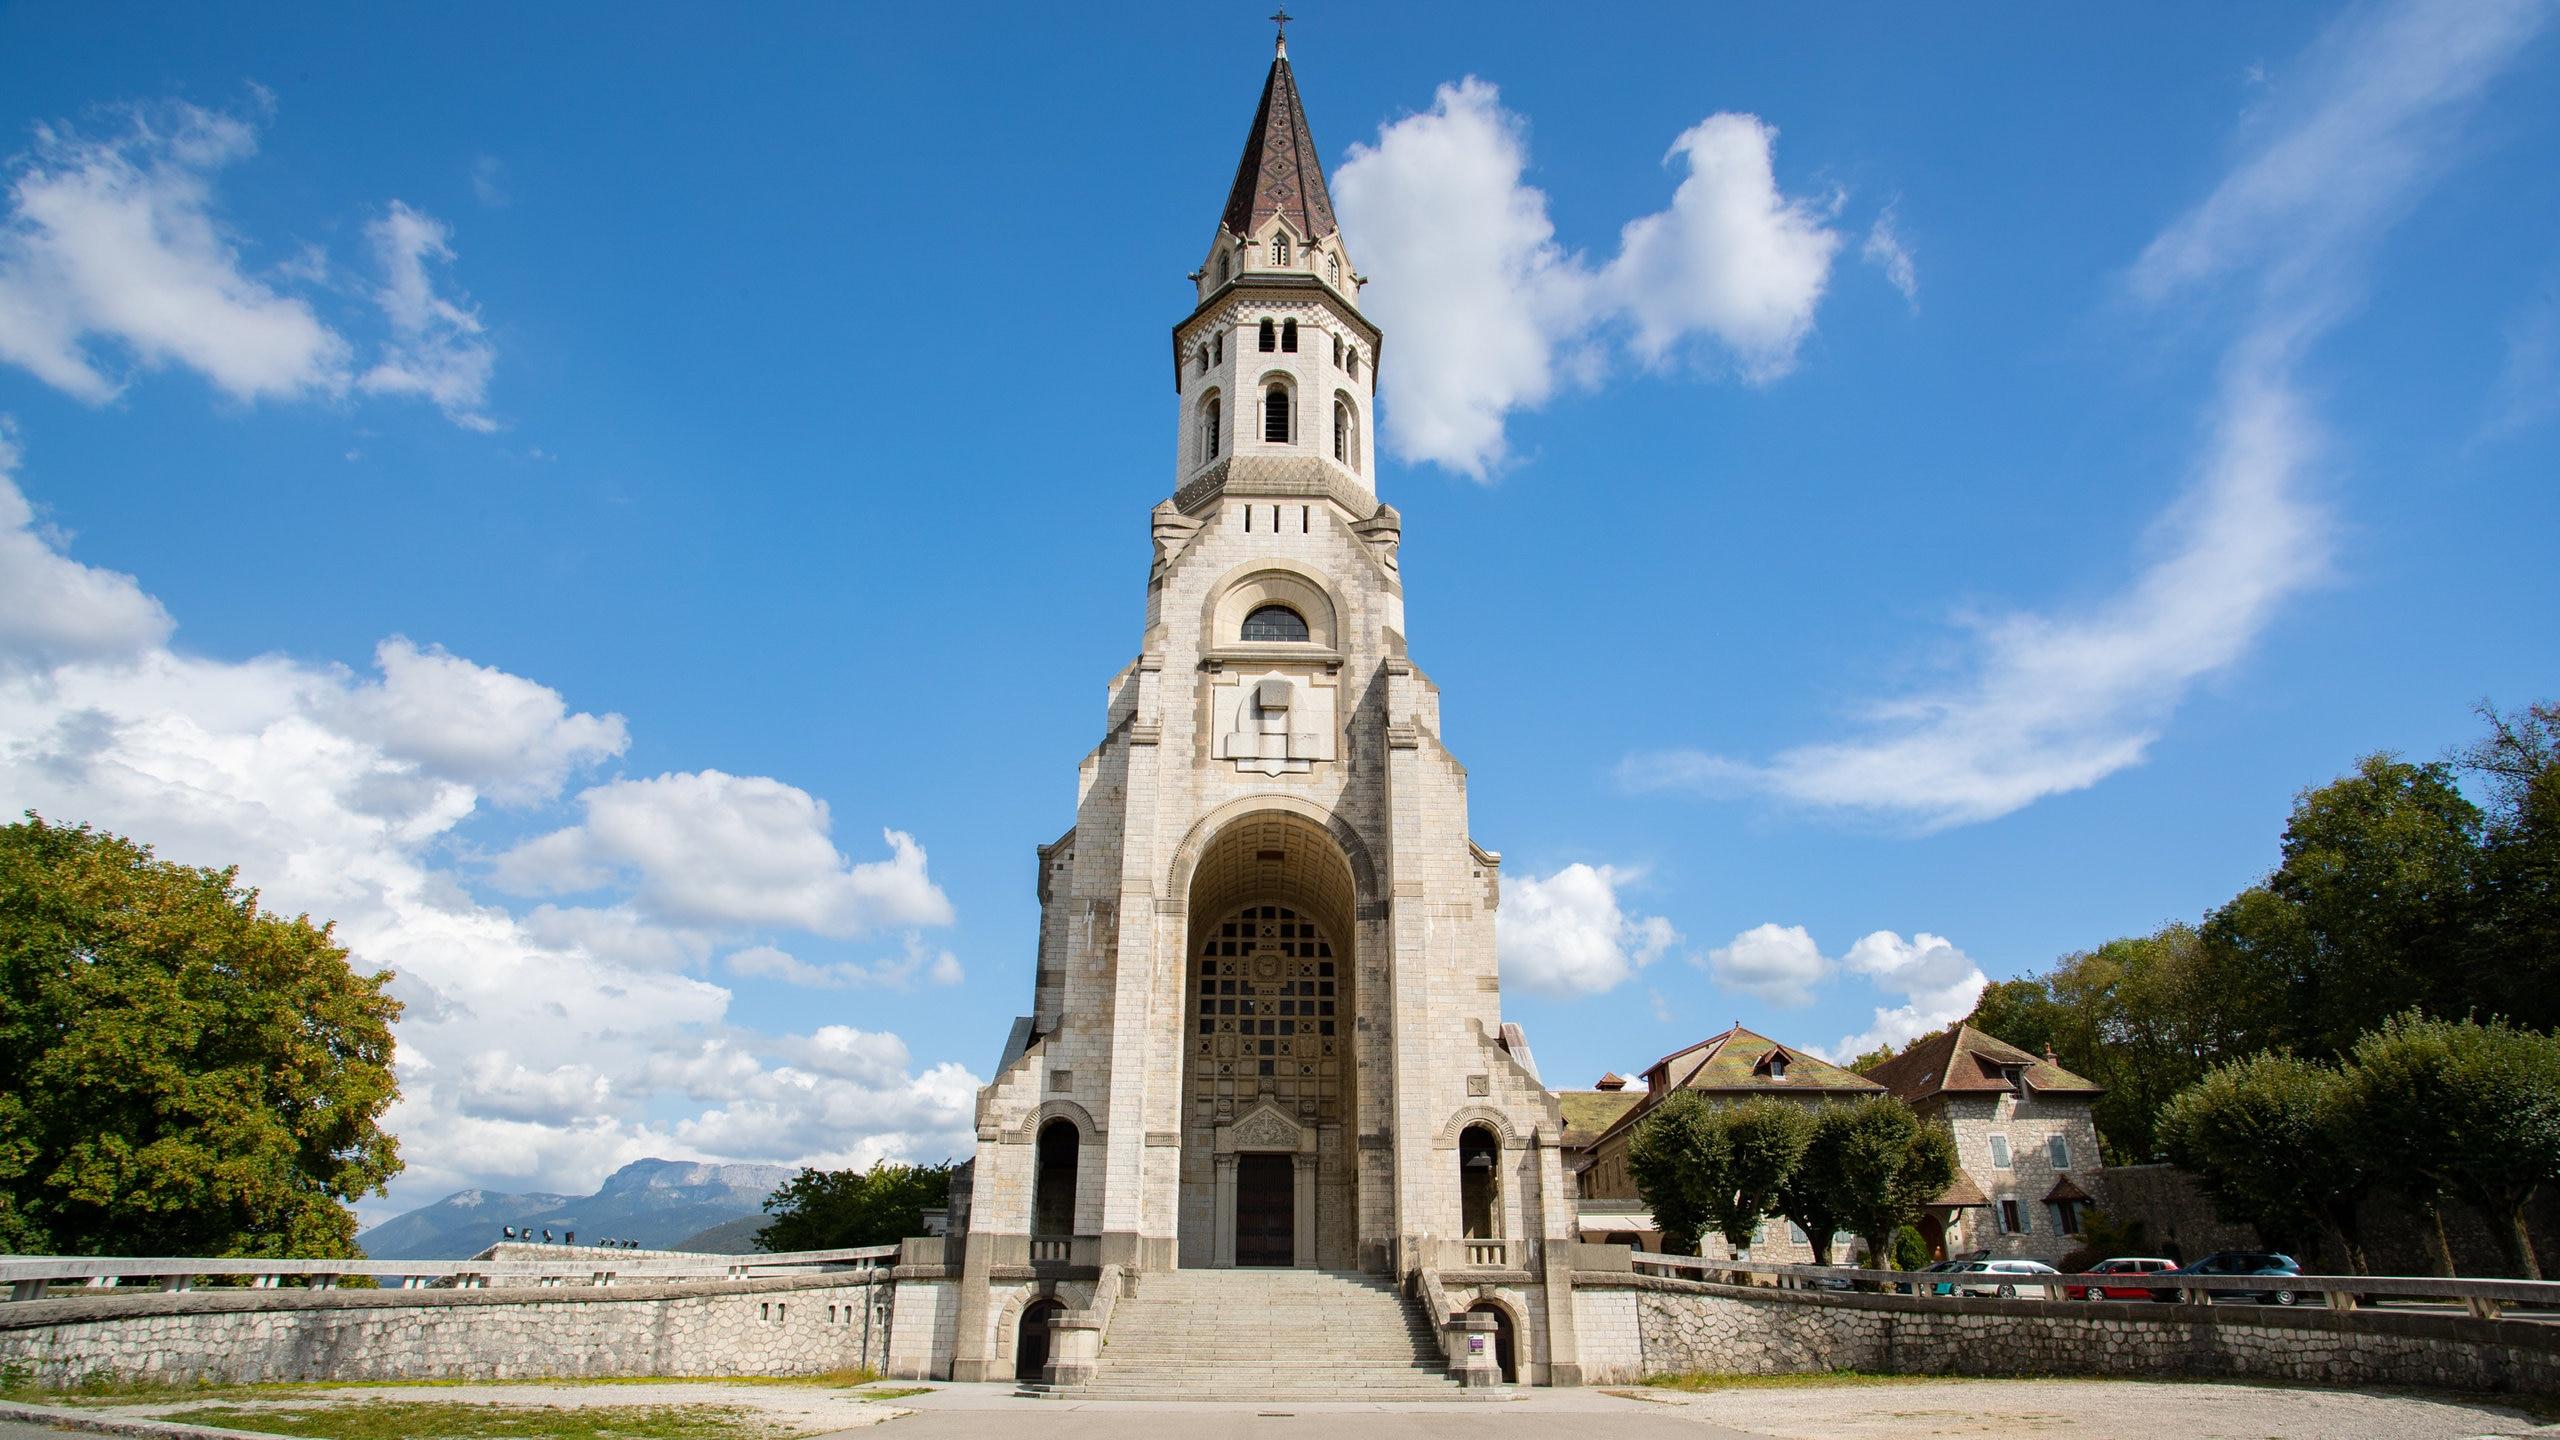 Basilique de la Visitation, Annecy, Haute-Savoie, France